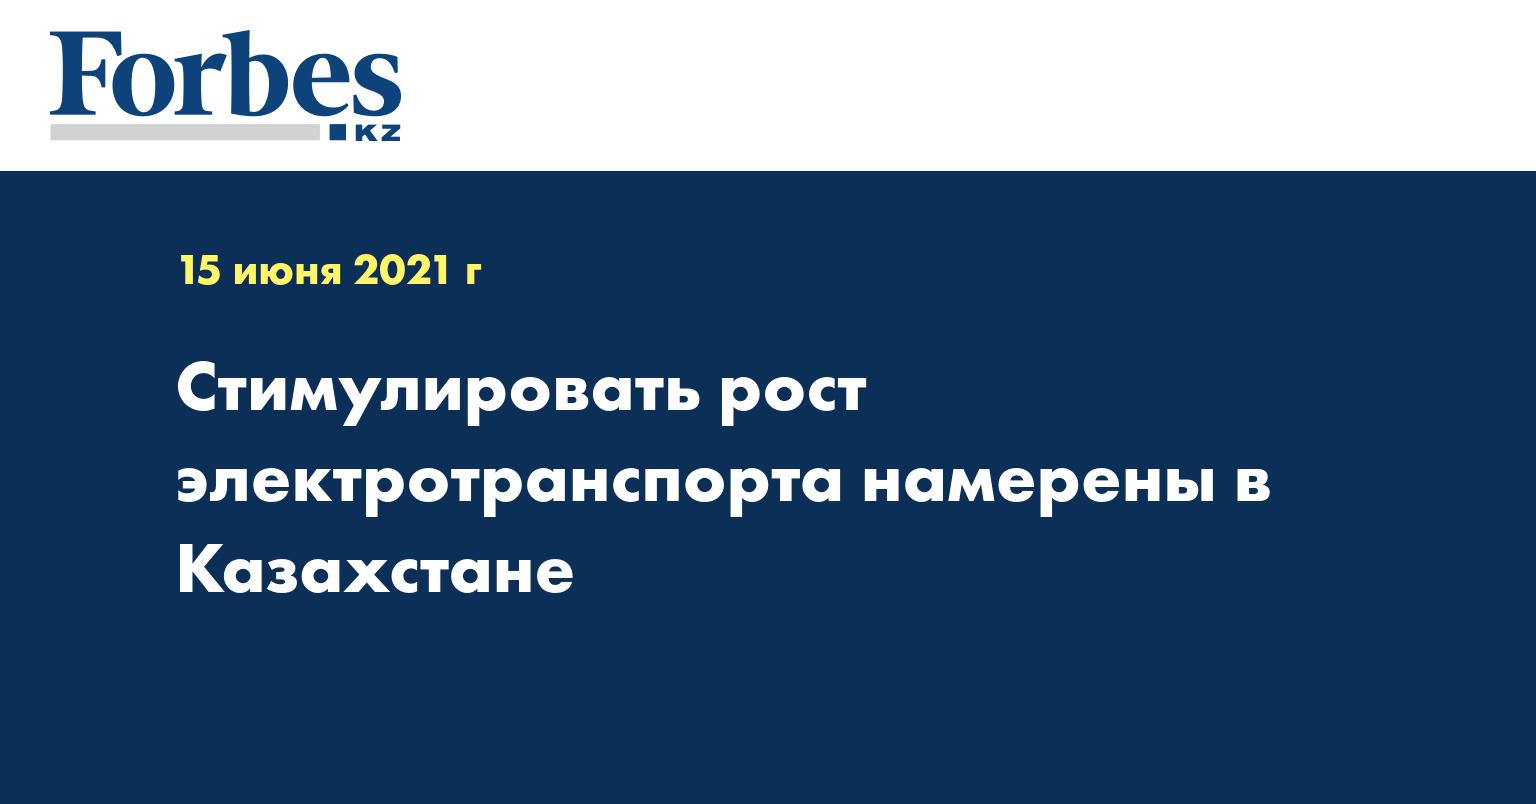 Стимулировать рост электротранспорта намерены в Казахстане